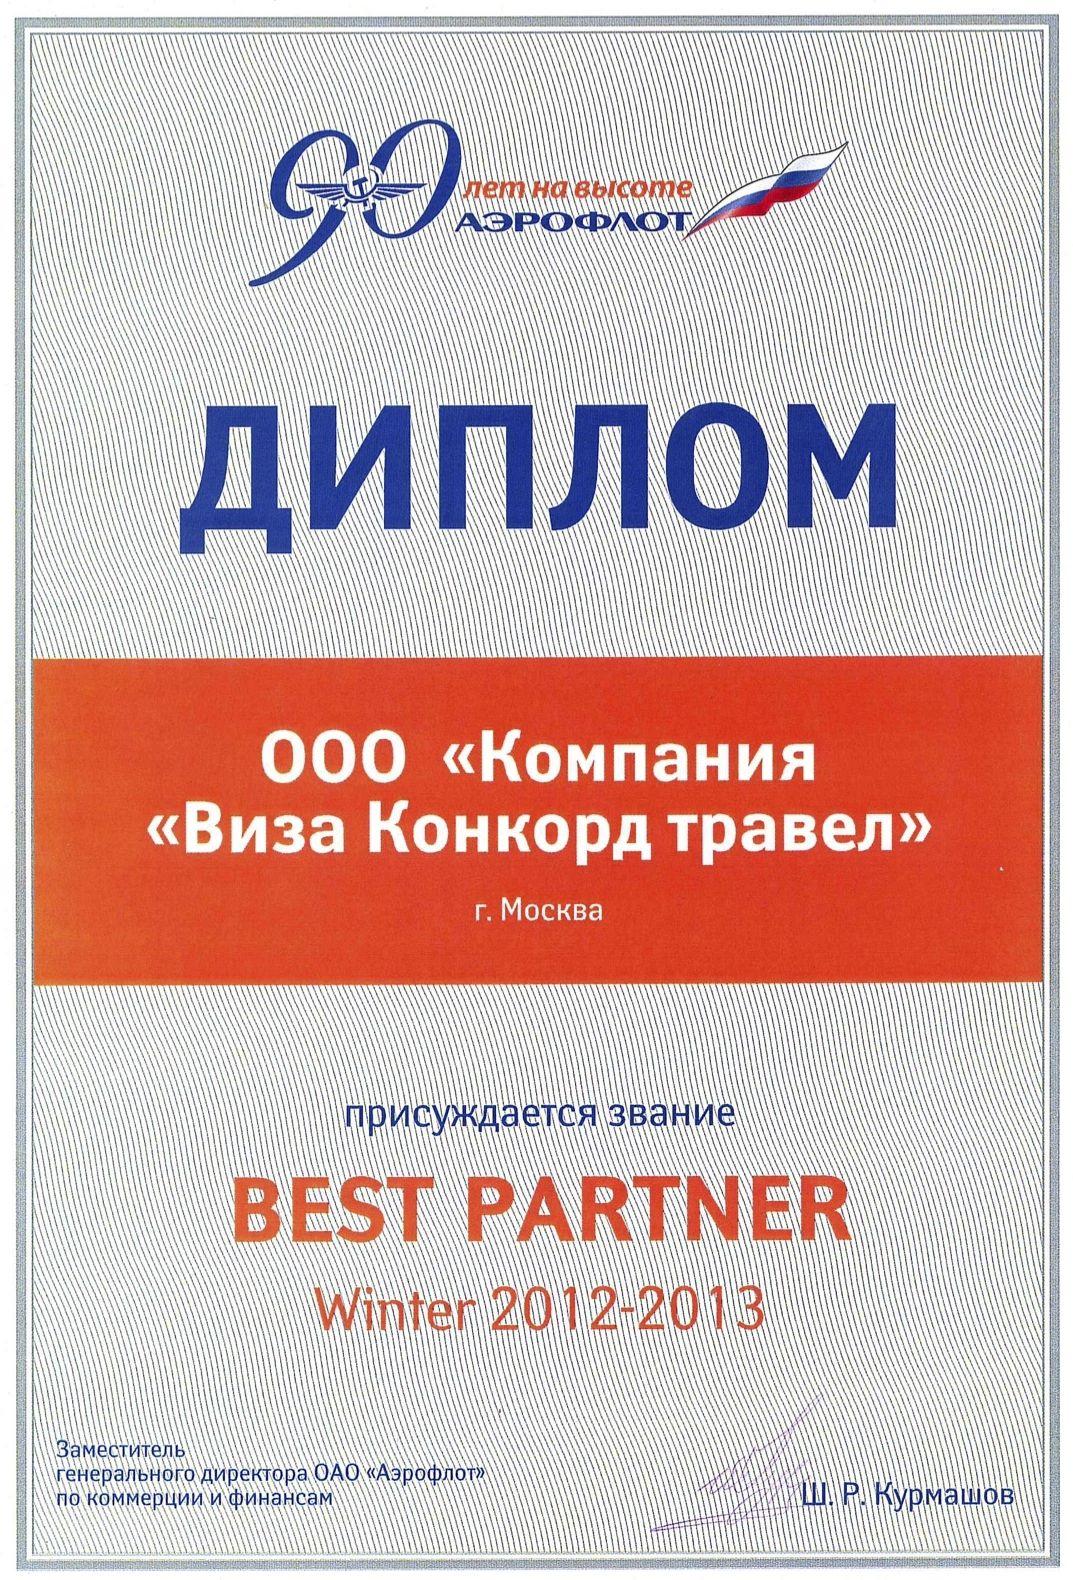 Награды и дипломы Виза Конкорд Авиабилеты и туры продажа бронь  Аэрофлот Лучший партнер 2012